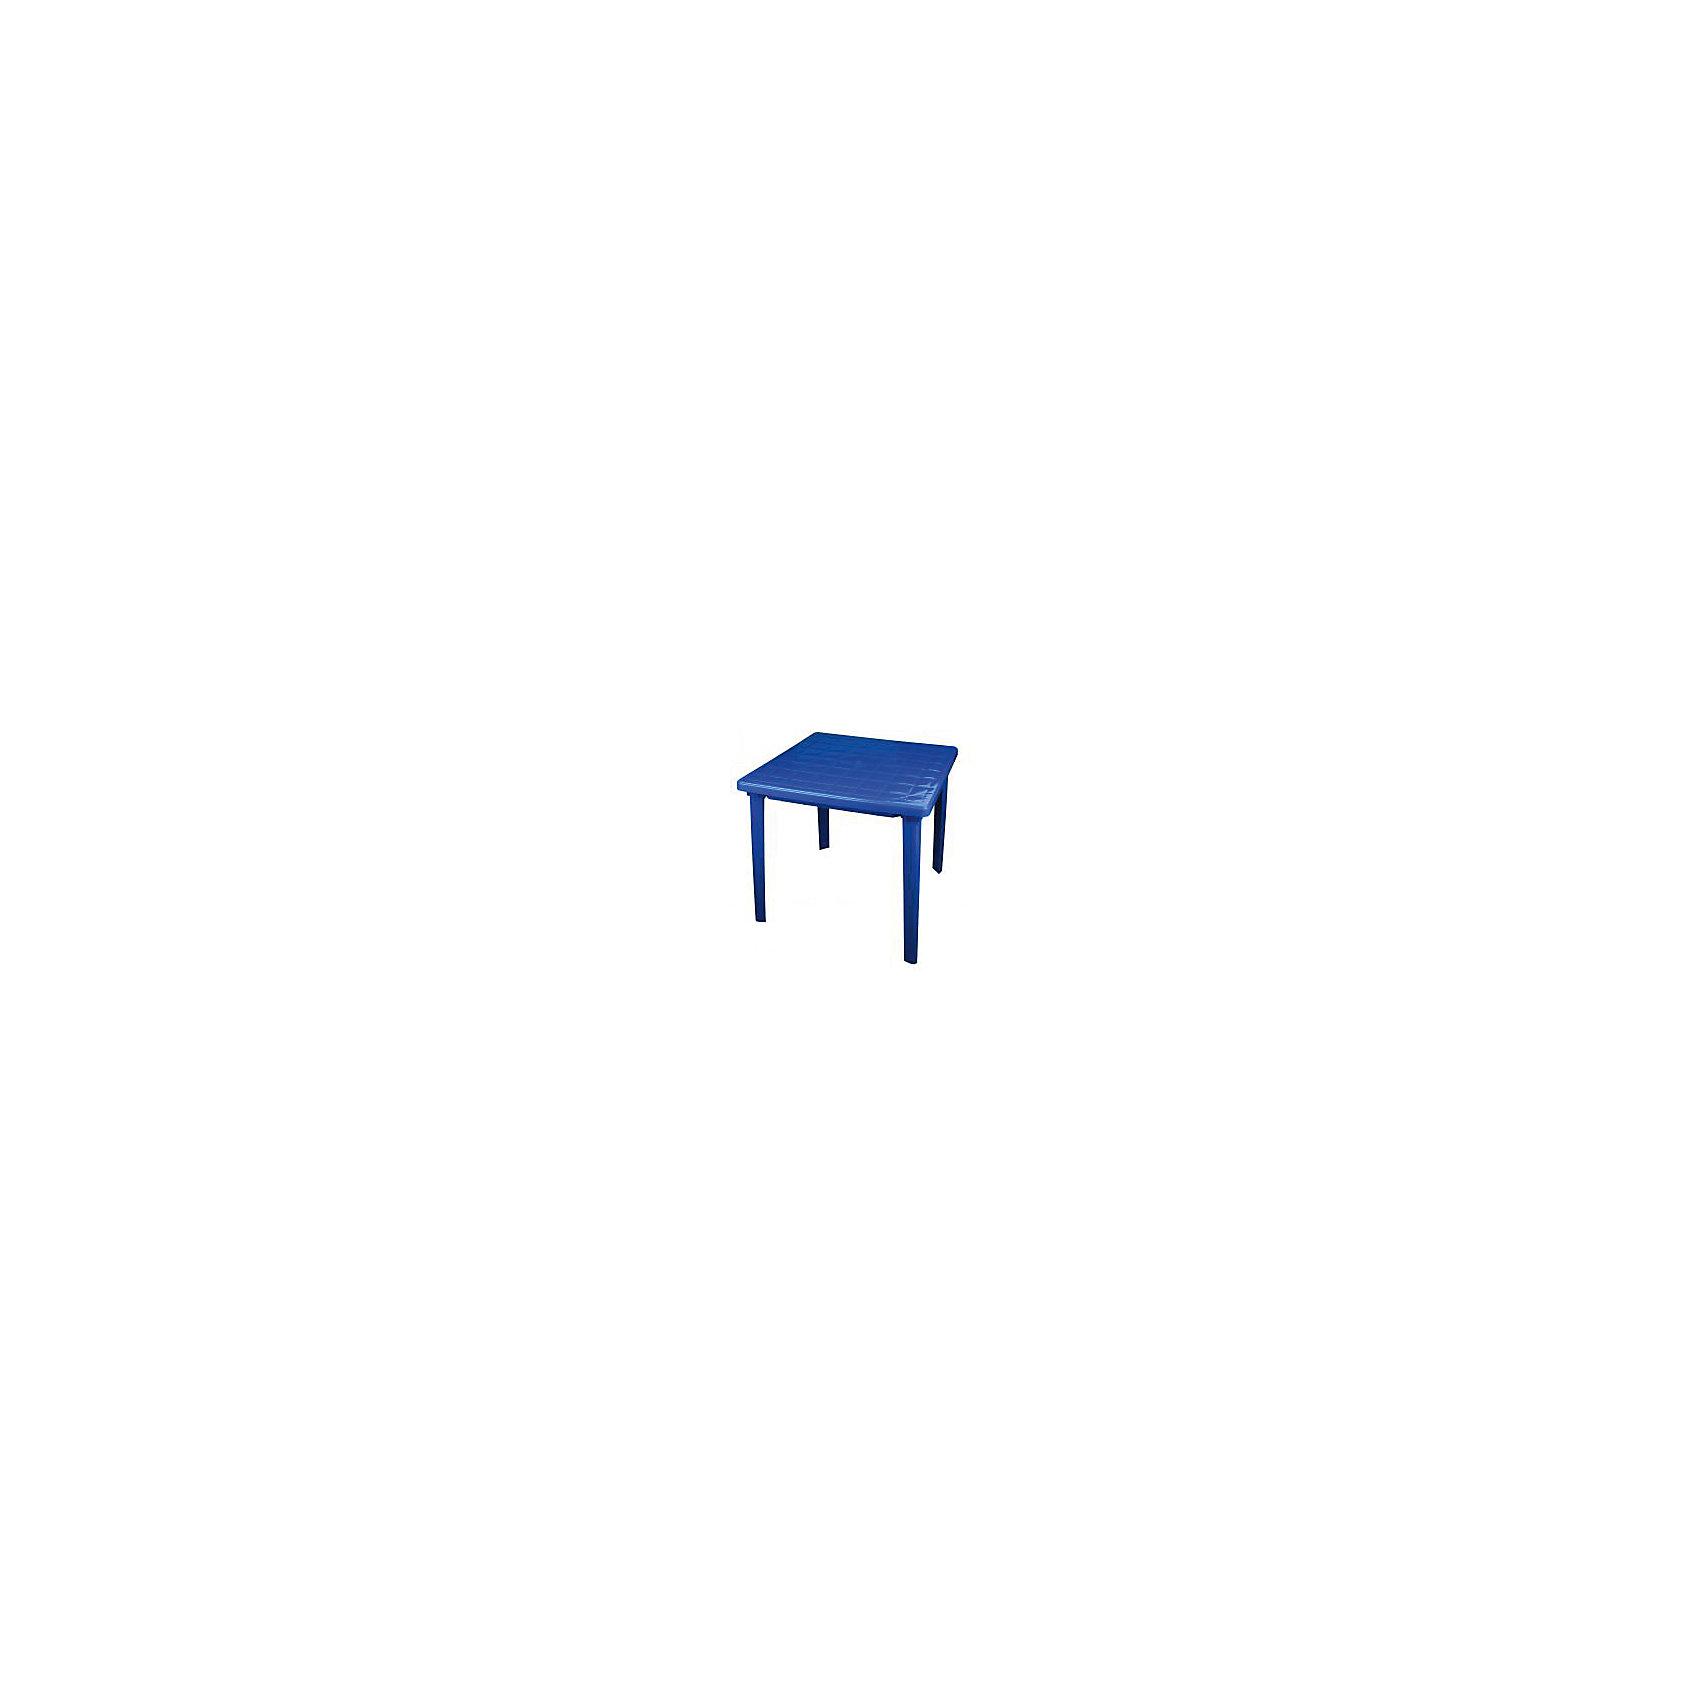 Стол квадратный 800х800х740, Alternativa, синийМебель<br>Стол квадратный 800х800х740, Alternativa (Альтернатива), синий<br><br>Характеристики:<br><br>• лаконичный дизайн<br>• устойчивые ножки<br>• цвет: синий<br>• размер: 80х80х74 см<br>• форма: квадратный<br>• вес: 4,594 кг<br><br>Стол от российского производителя Альтернатива - прекрасный выбор для любителей качественных изделий из пластмассы. Он имеет лаконичный дизайн, подходящий к любой окружающей среде. Стол изготовлен из прочного пластика. Он обладает хорошей износостойкостью и устойчивостью, поэтому использовать его удобно не только дома, но и на даче или отдыхе на природе.<br><br>Стол квадратный 800х800х740, Alternativa (Альтернатива), синий можно купить в нашем интернет-магазине.<br><br>Ширина мм: 800<br>Глубина мм: 800<br>Высота мм: 740<br>Вес г: 4594<br>Возраст от месяцев: 216<br>Возраст до месяцев: 1188<br>Пол: Унисекс<br>Возраст: Детский<br>SKU: 5475677